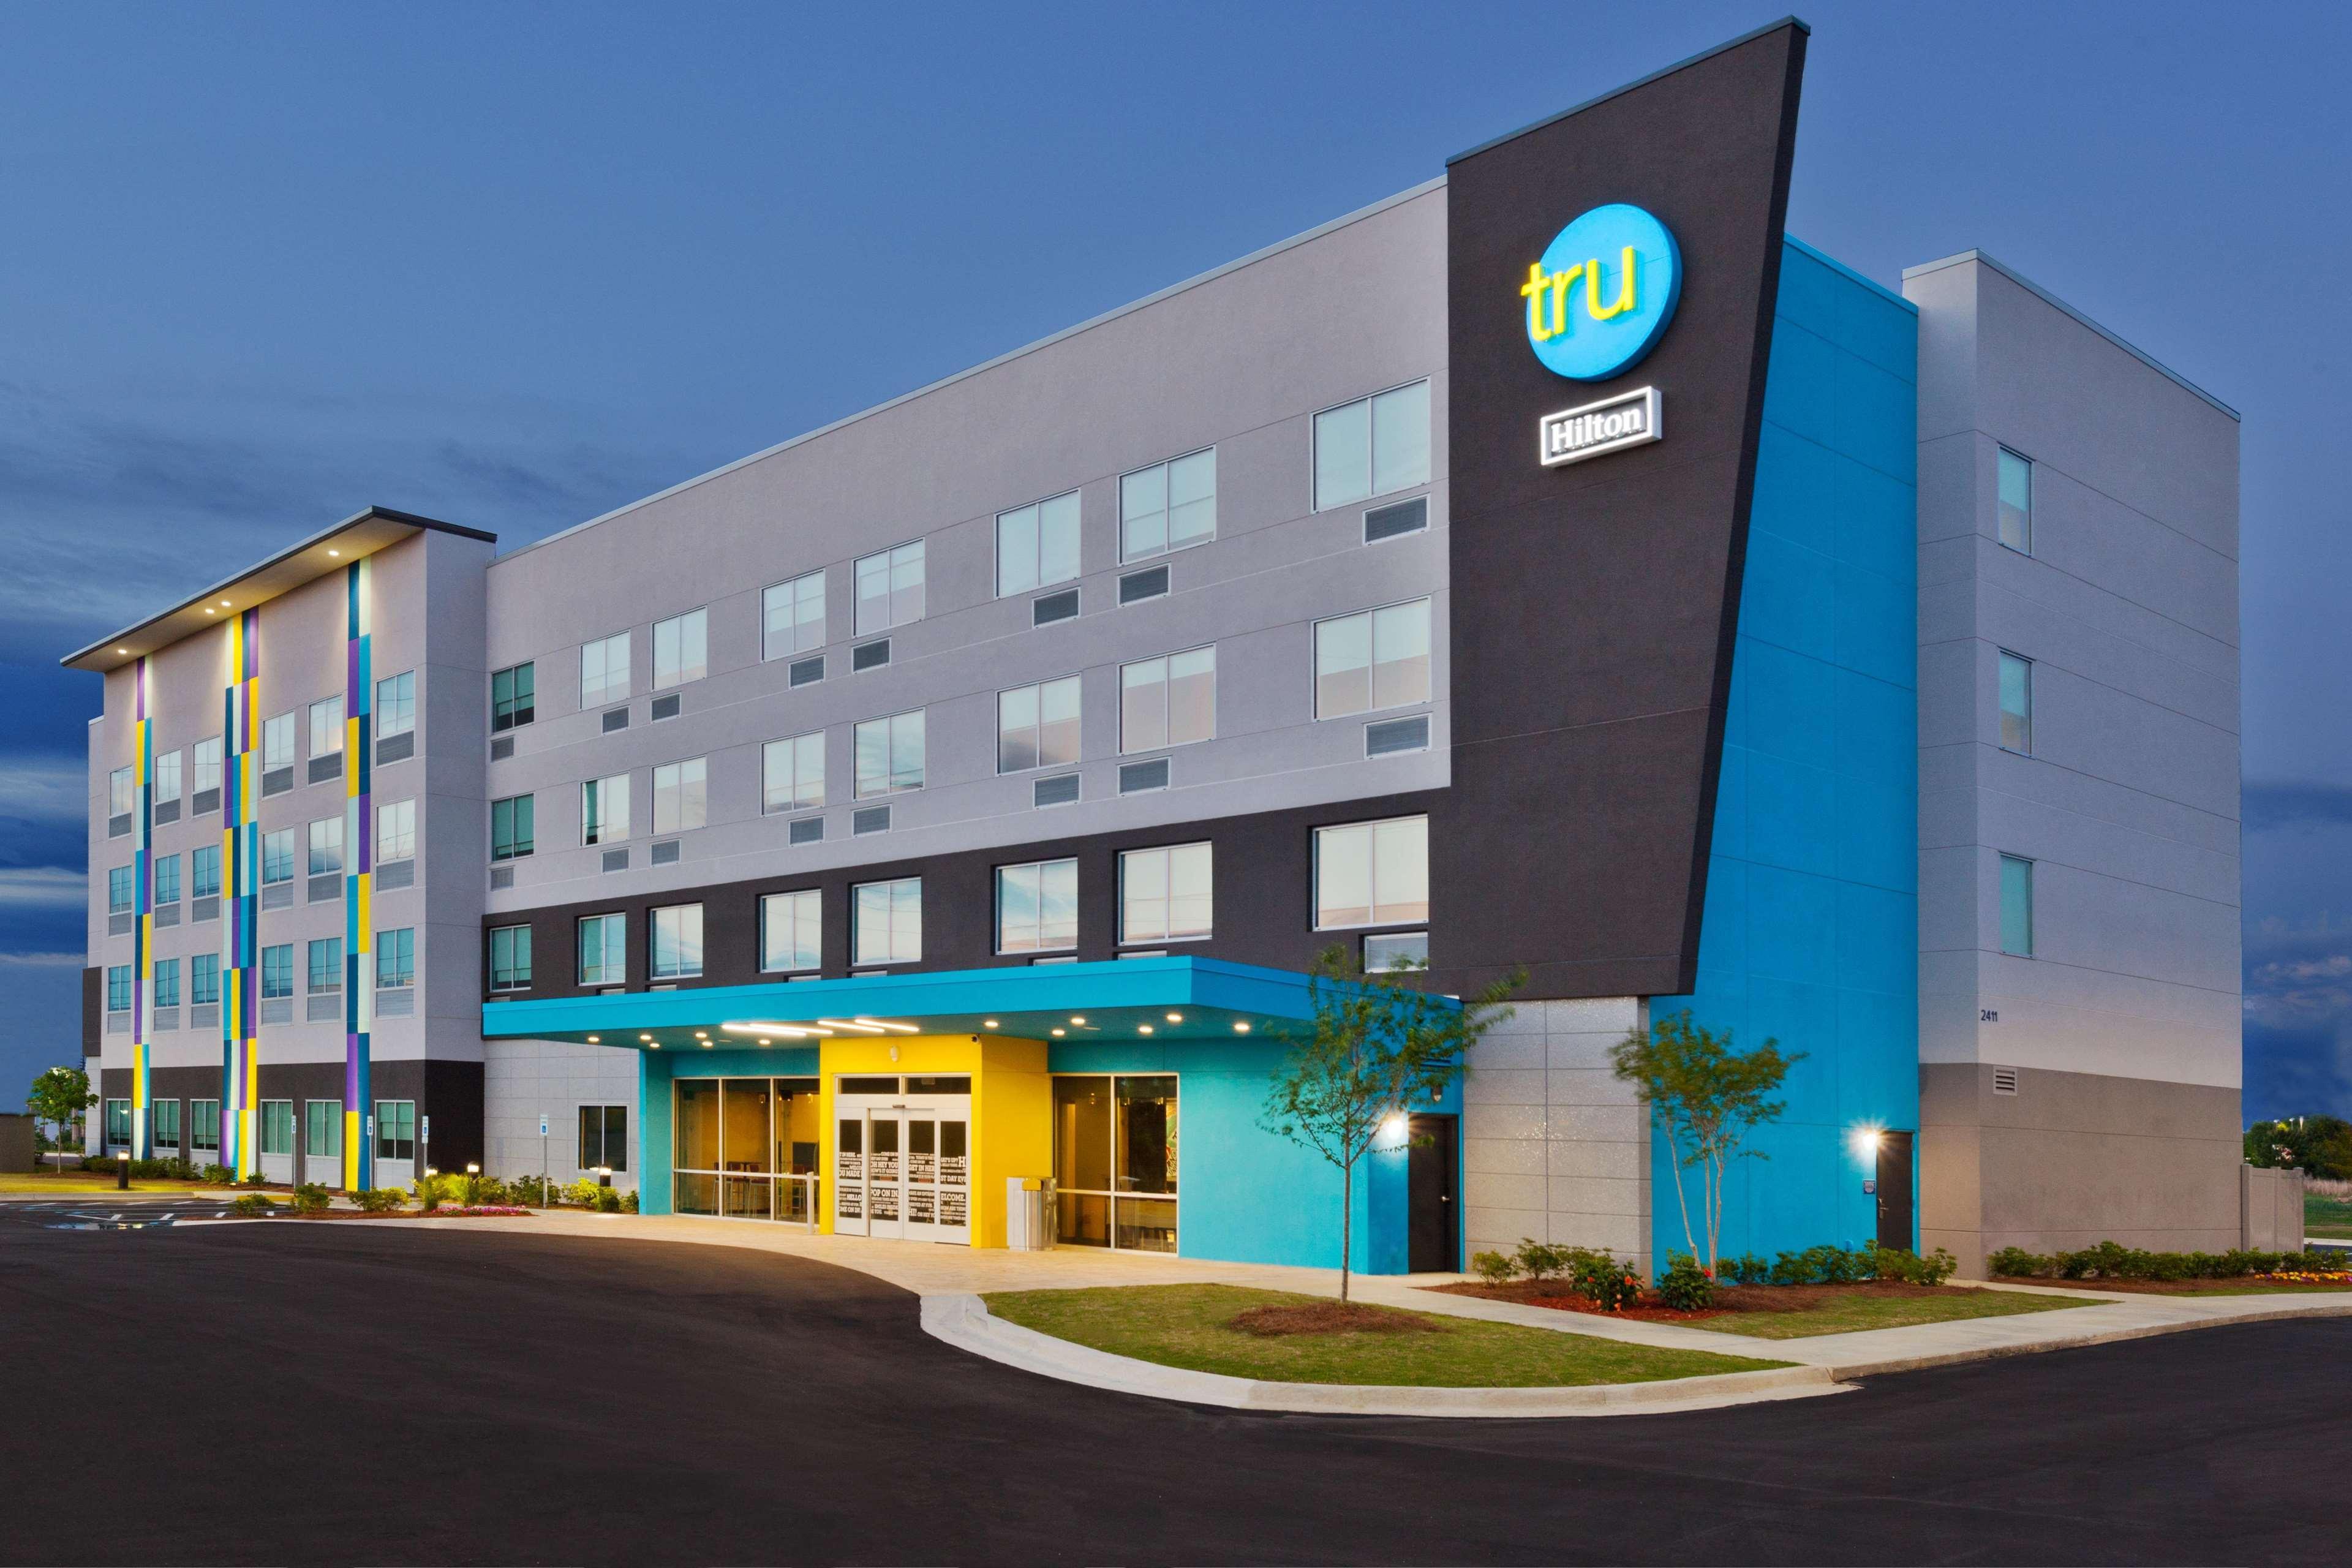 Tru by Hilton Auburn, Lee